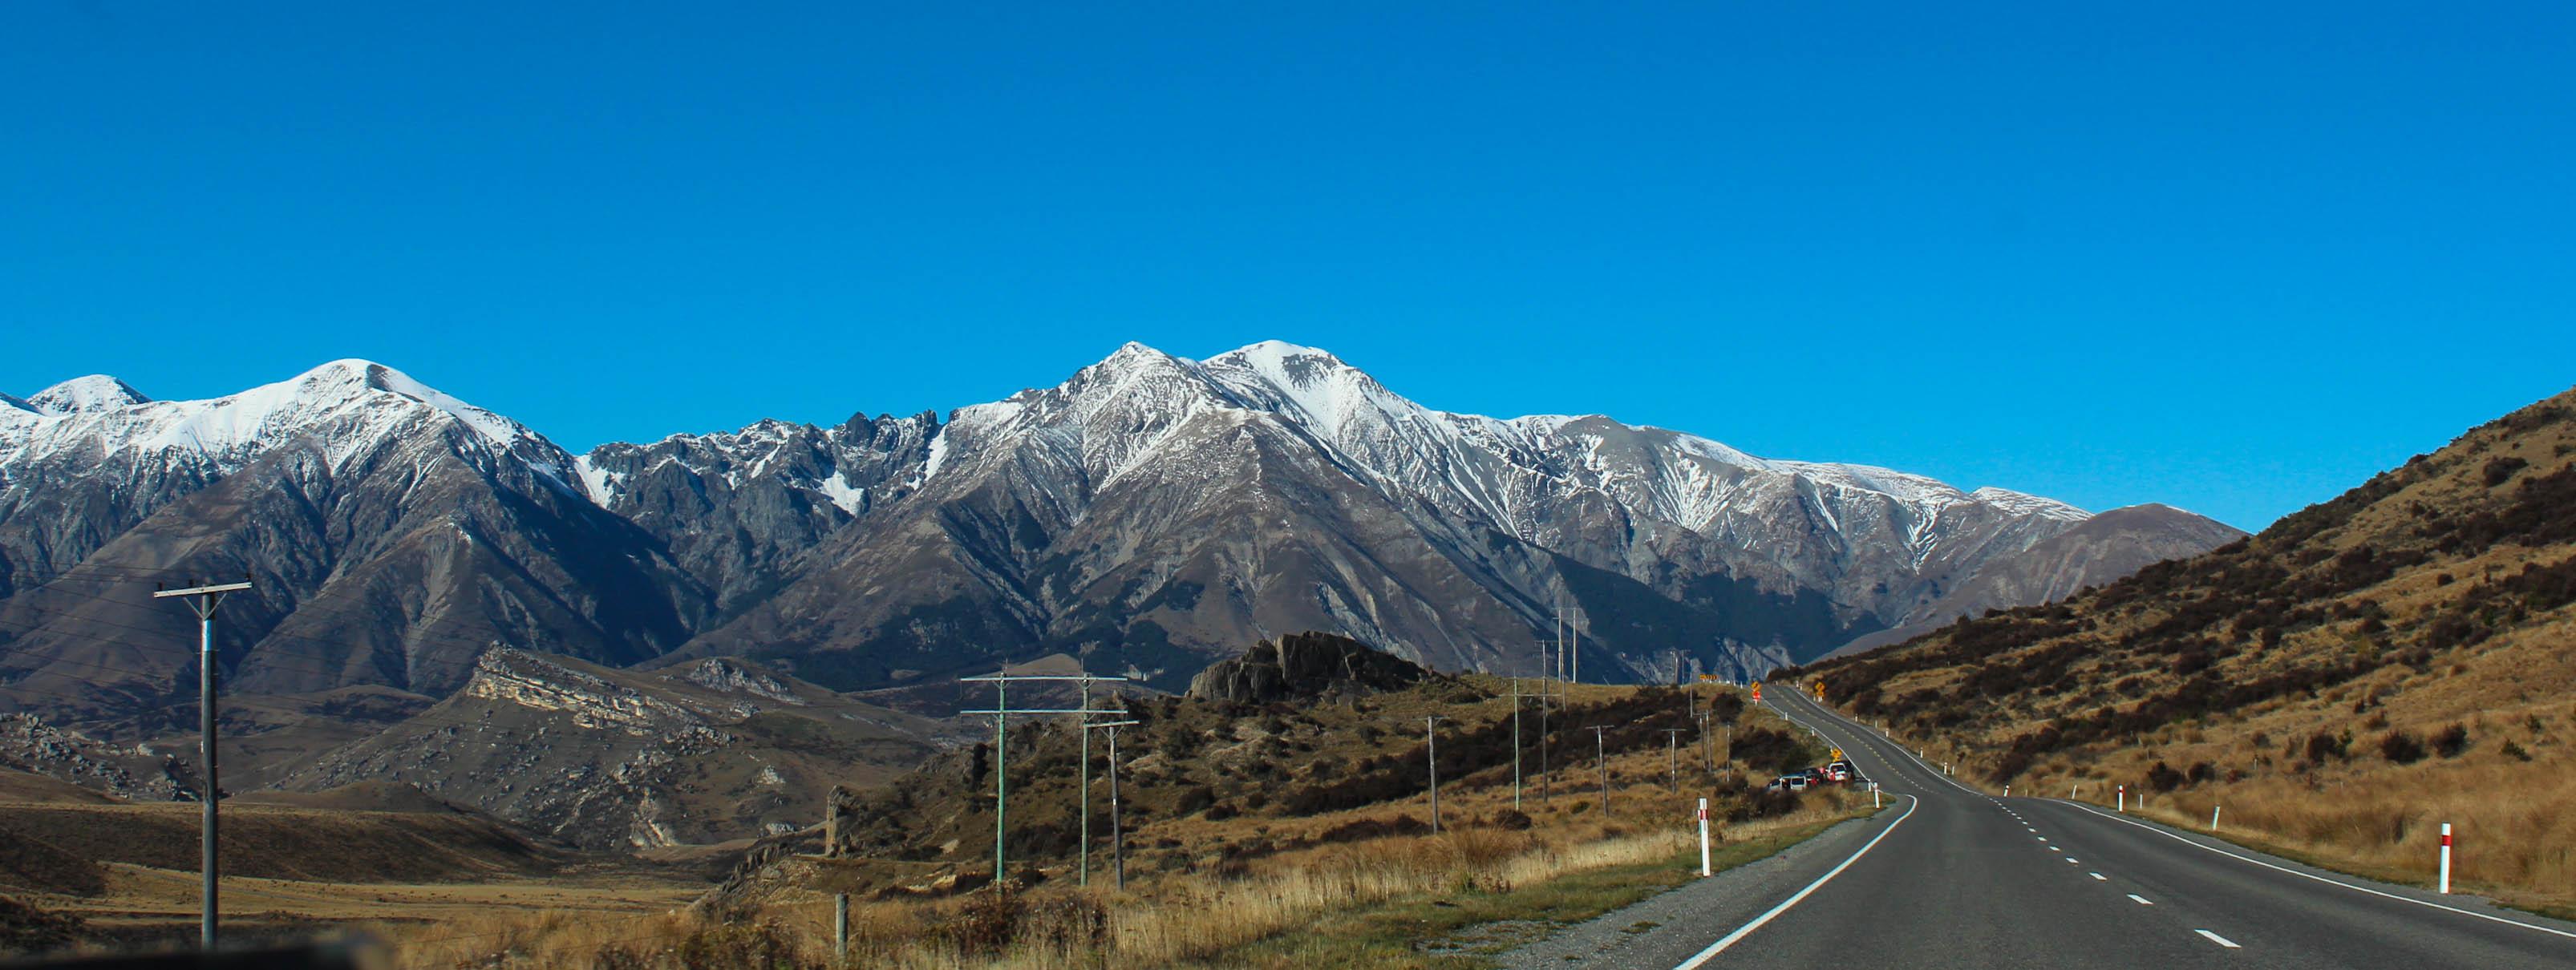 Nouvelle Zélande - Arthur's pass & Akaroa - les lubies de louise (11 sur 46)